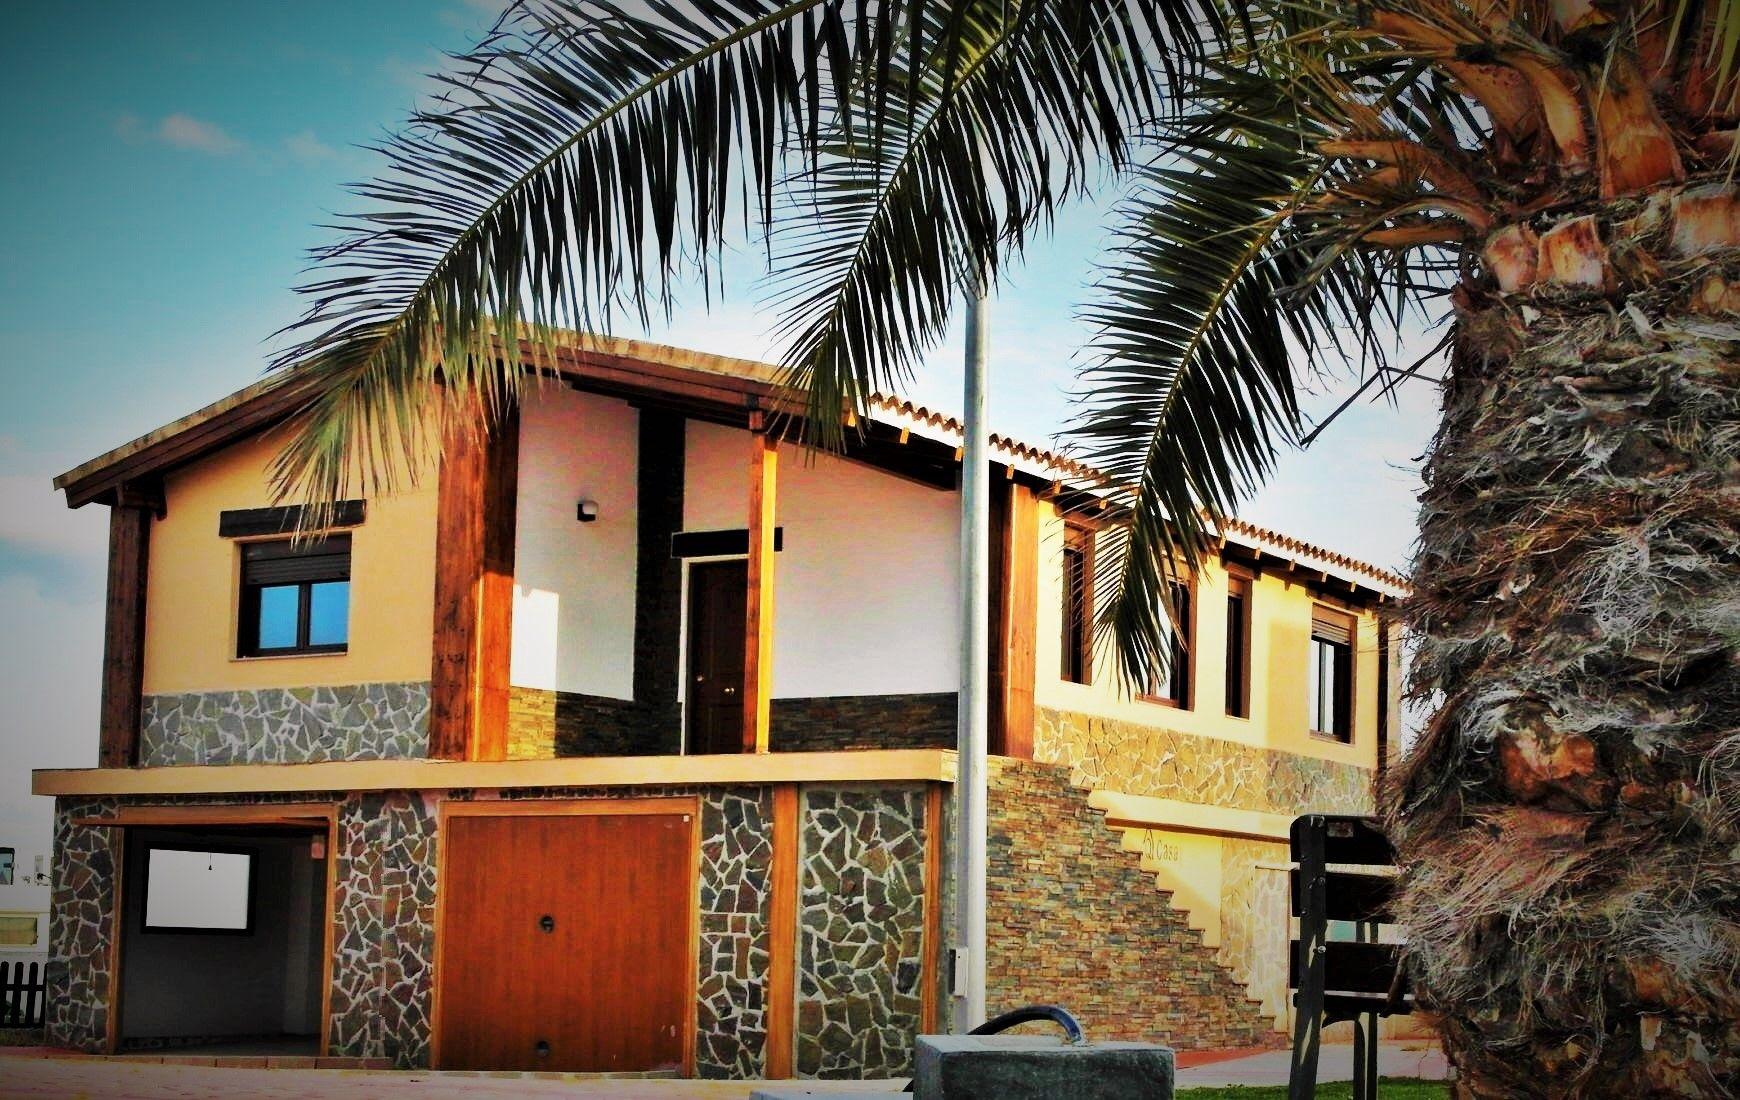 Casa prefabricada de hormigon con sotano www for Casas prefabricadas hormigon